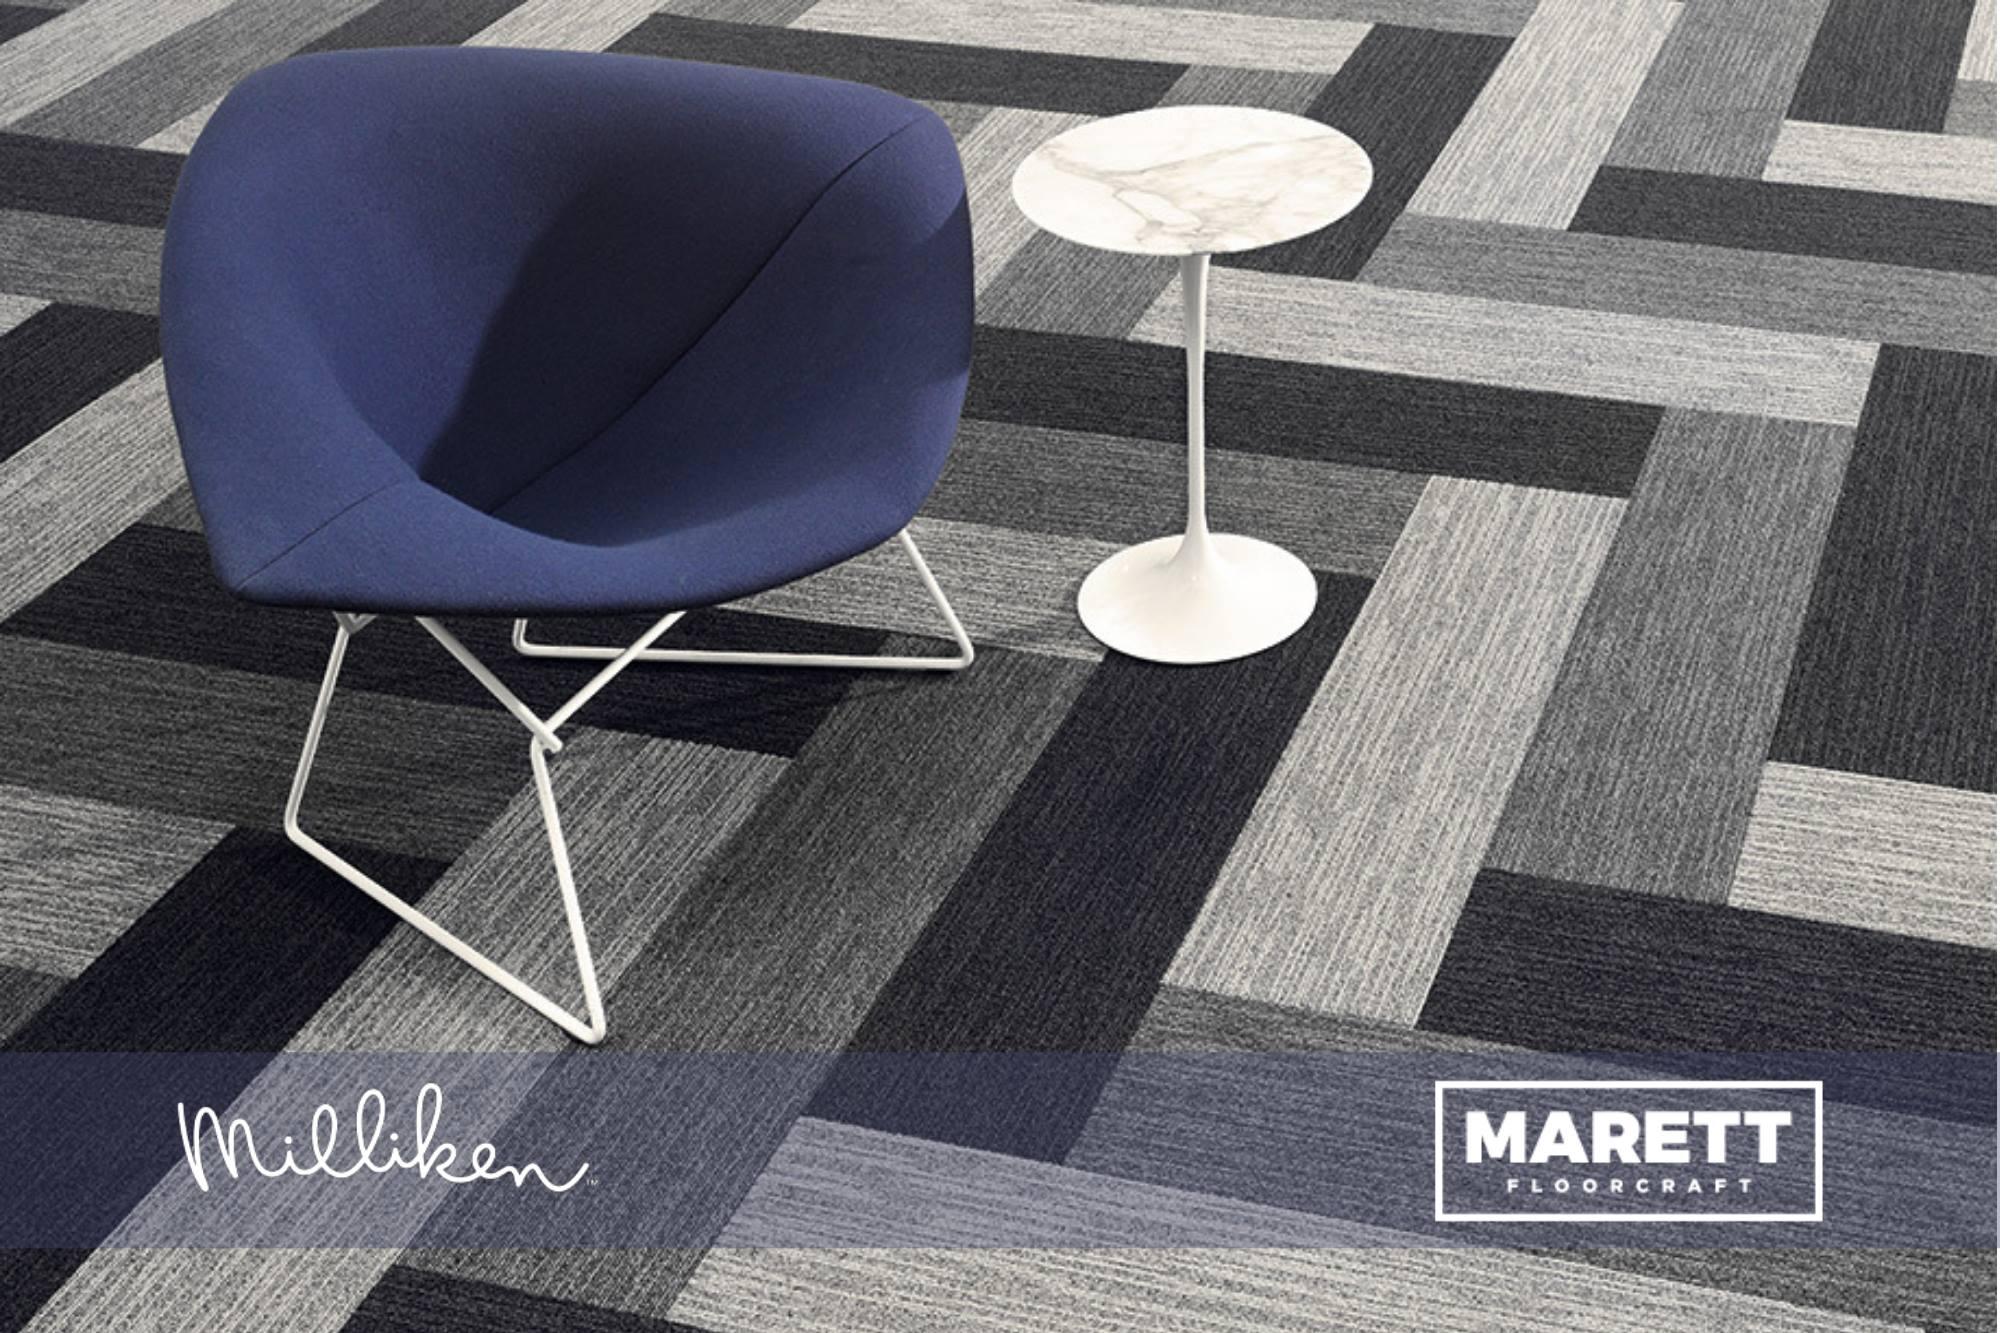 Marett Floorcraft Ltd.